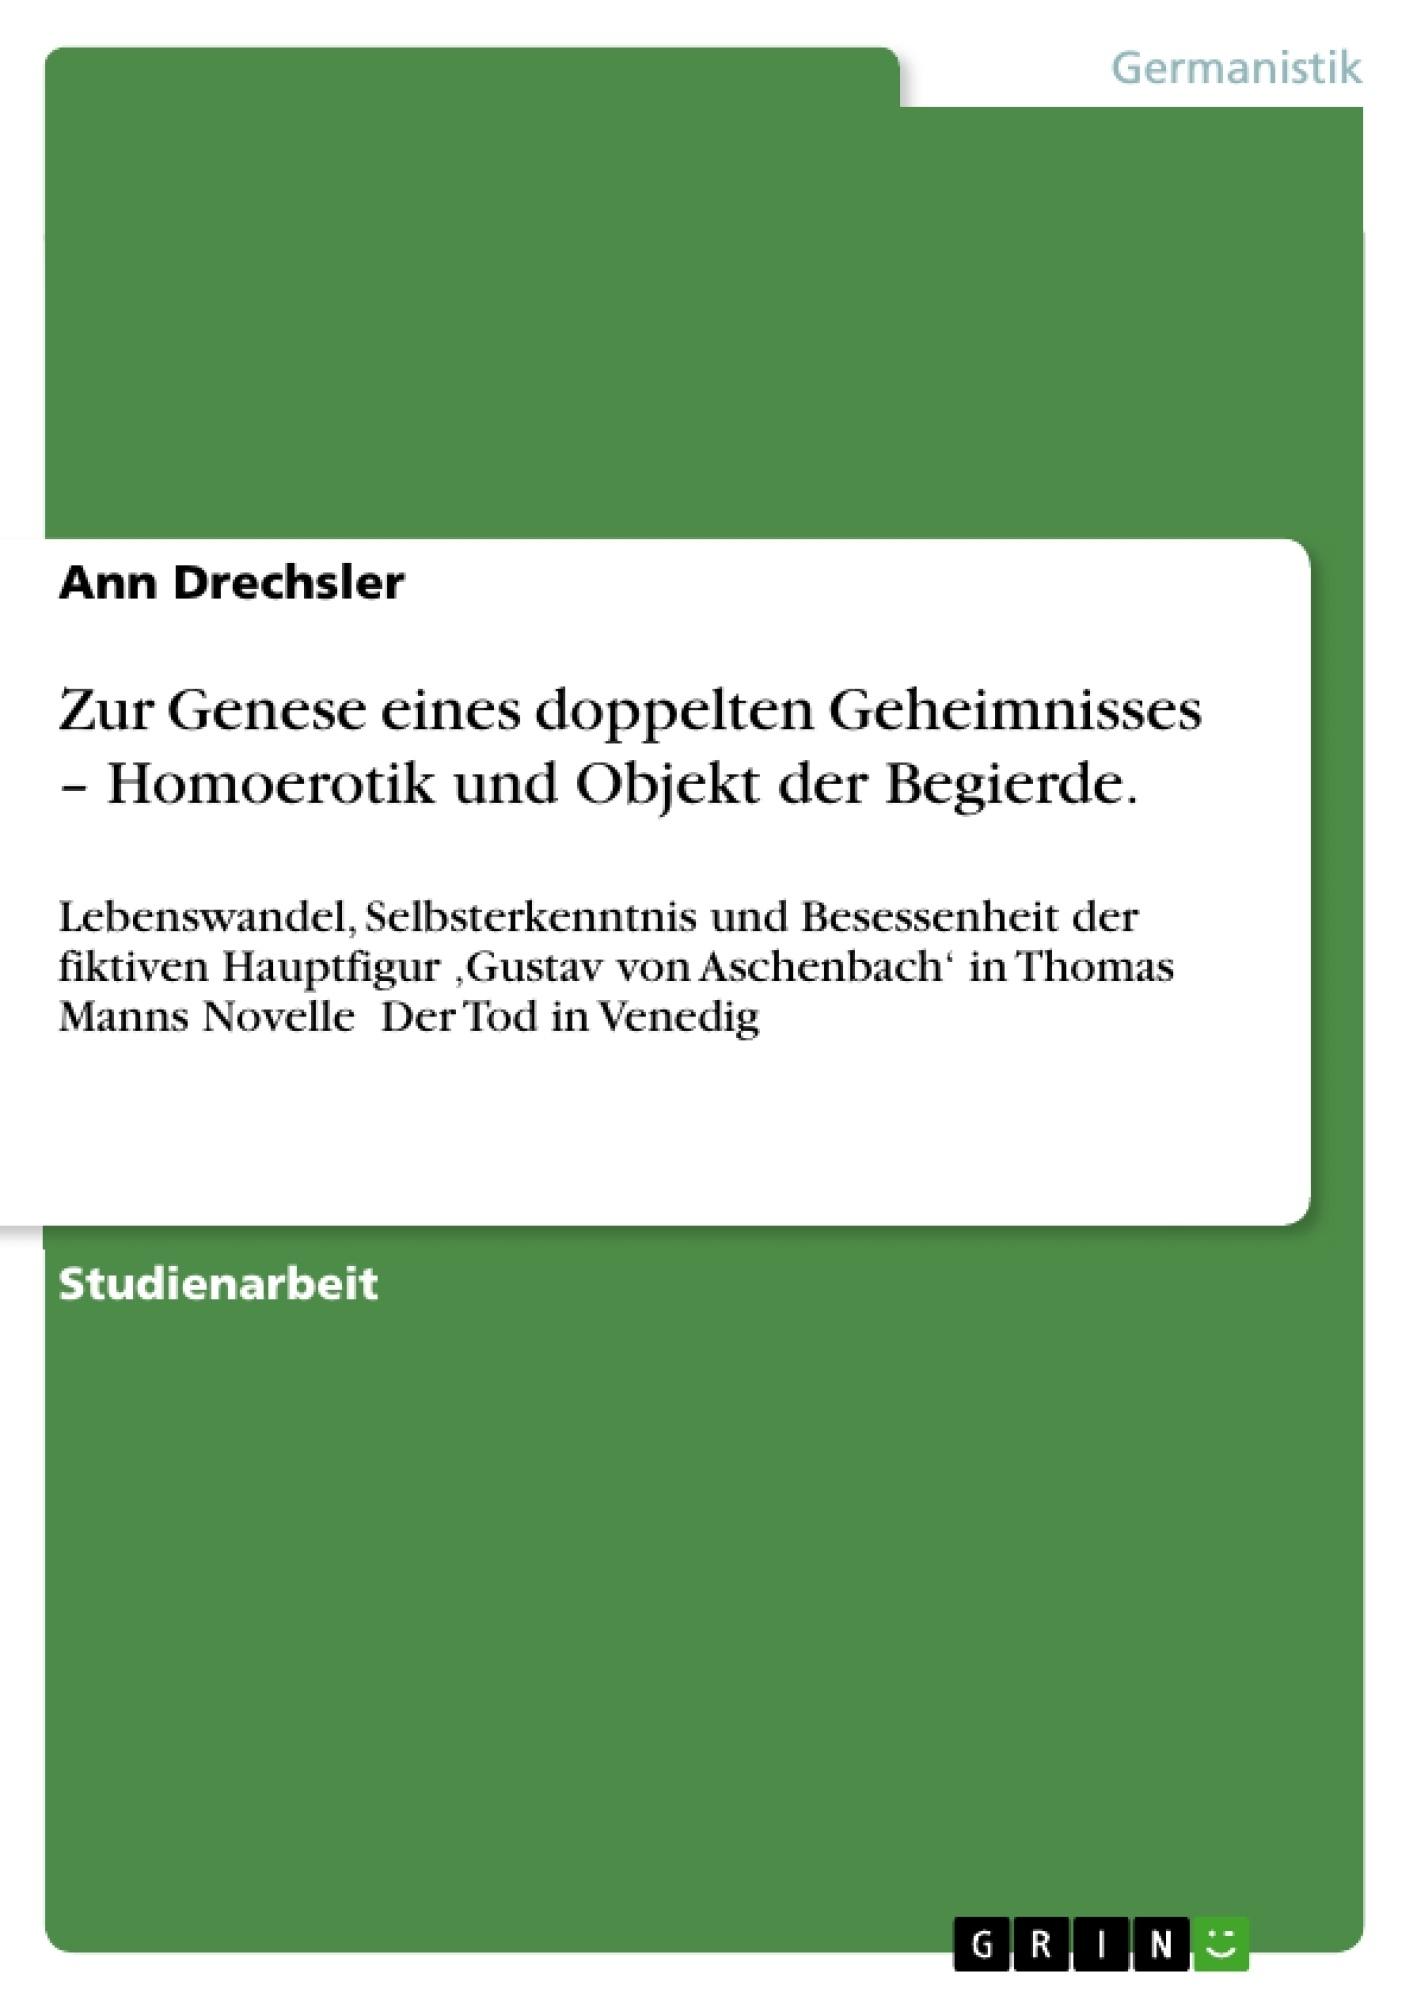 Titel: Zur Genese eines doppelten Geheimnisses – Homoerotik und Objekt der Begierde.